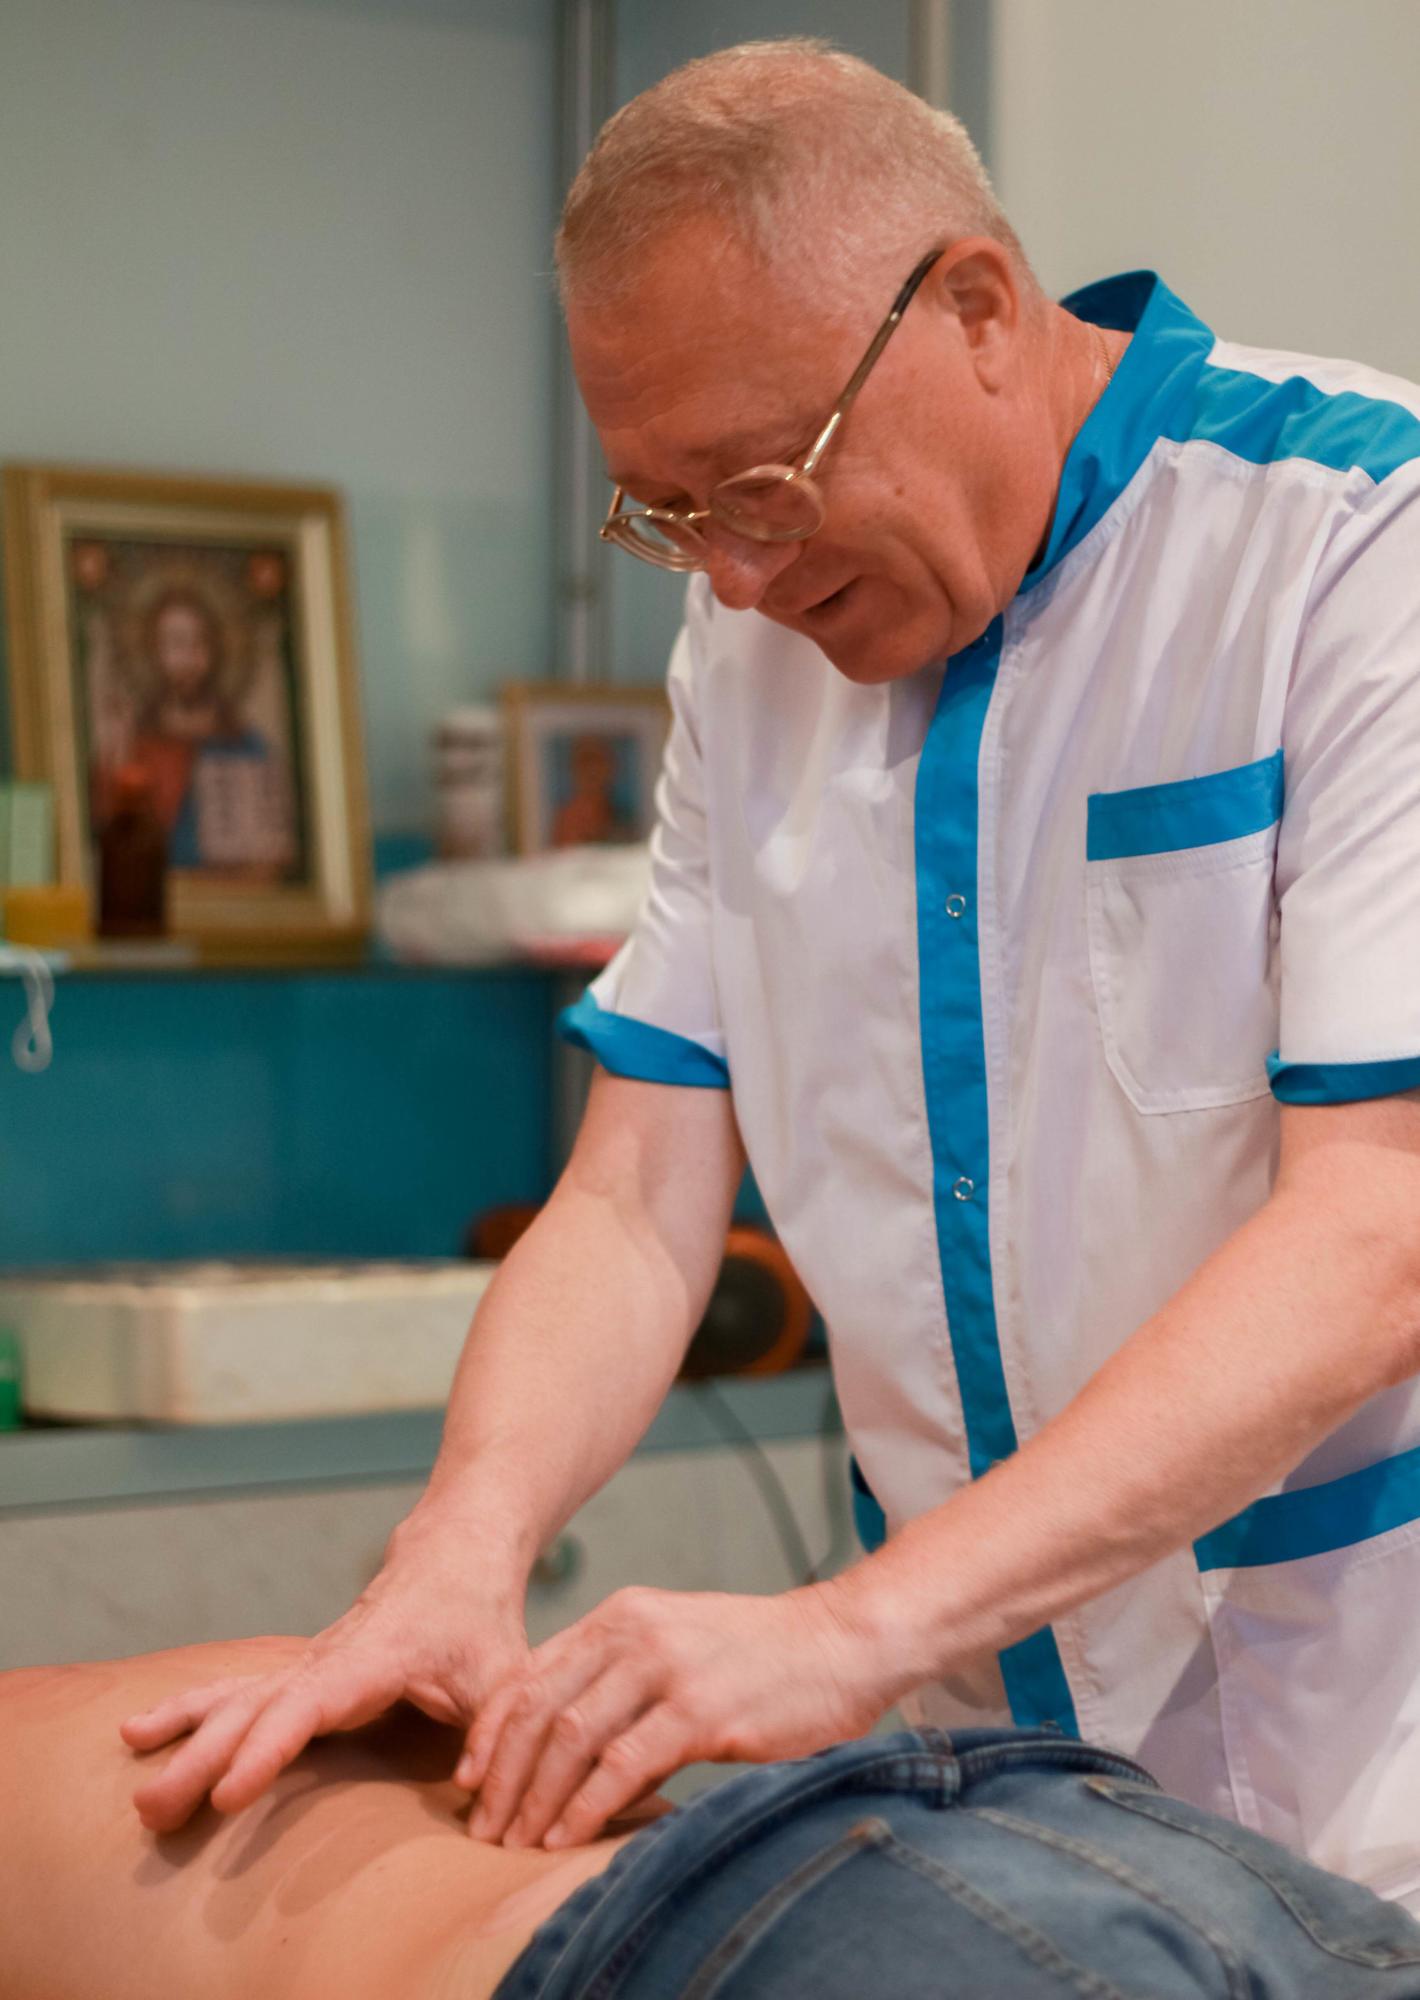 Лікування руками: що таке мануальна терапія, які хвороби можна вилікувати та чи боляче це